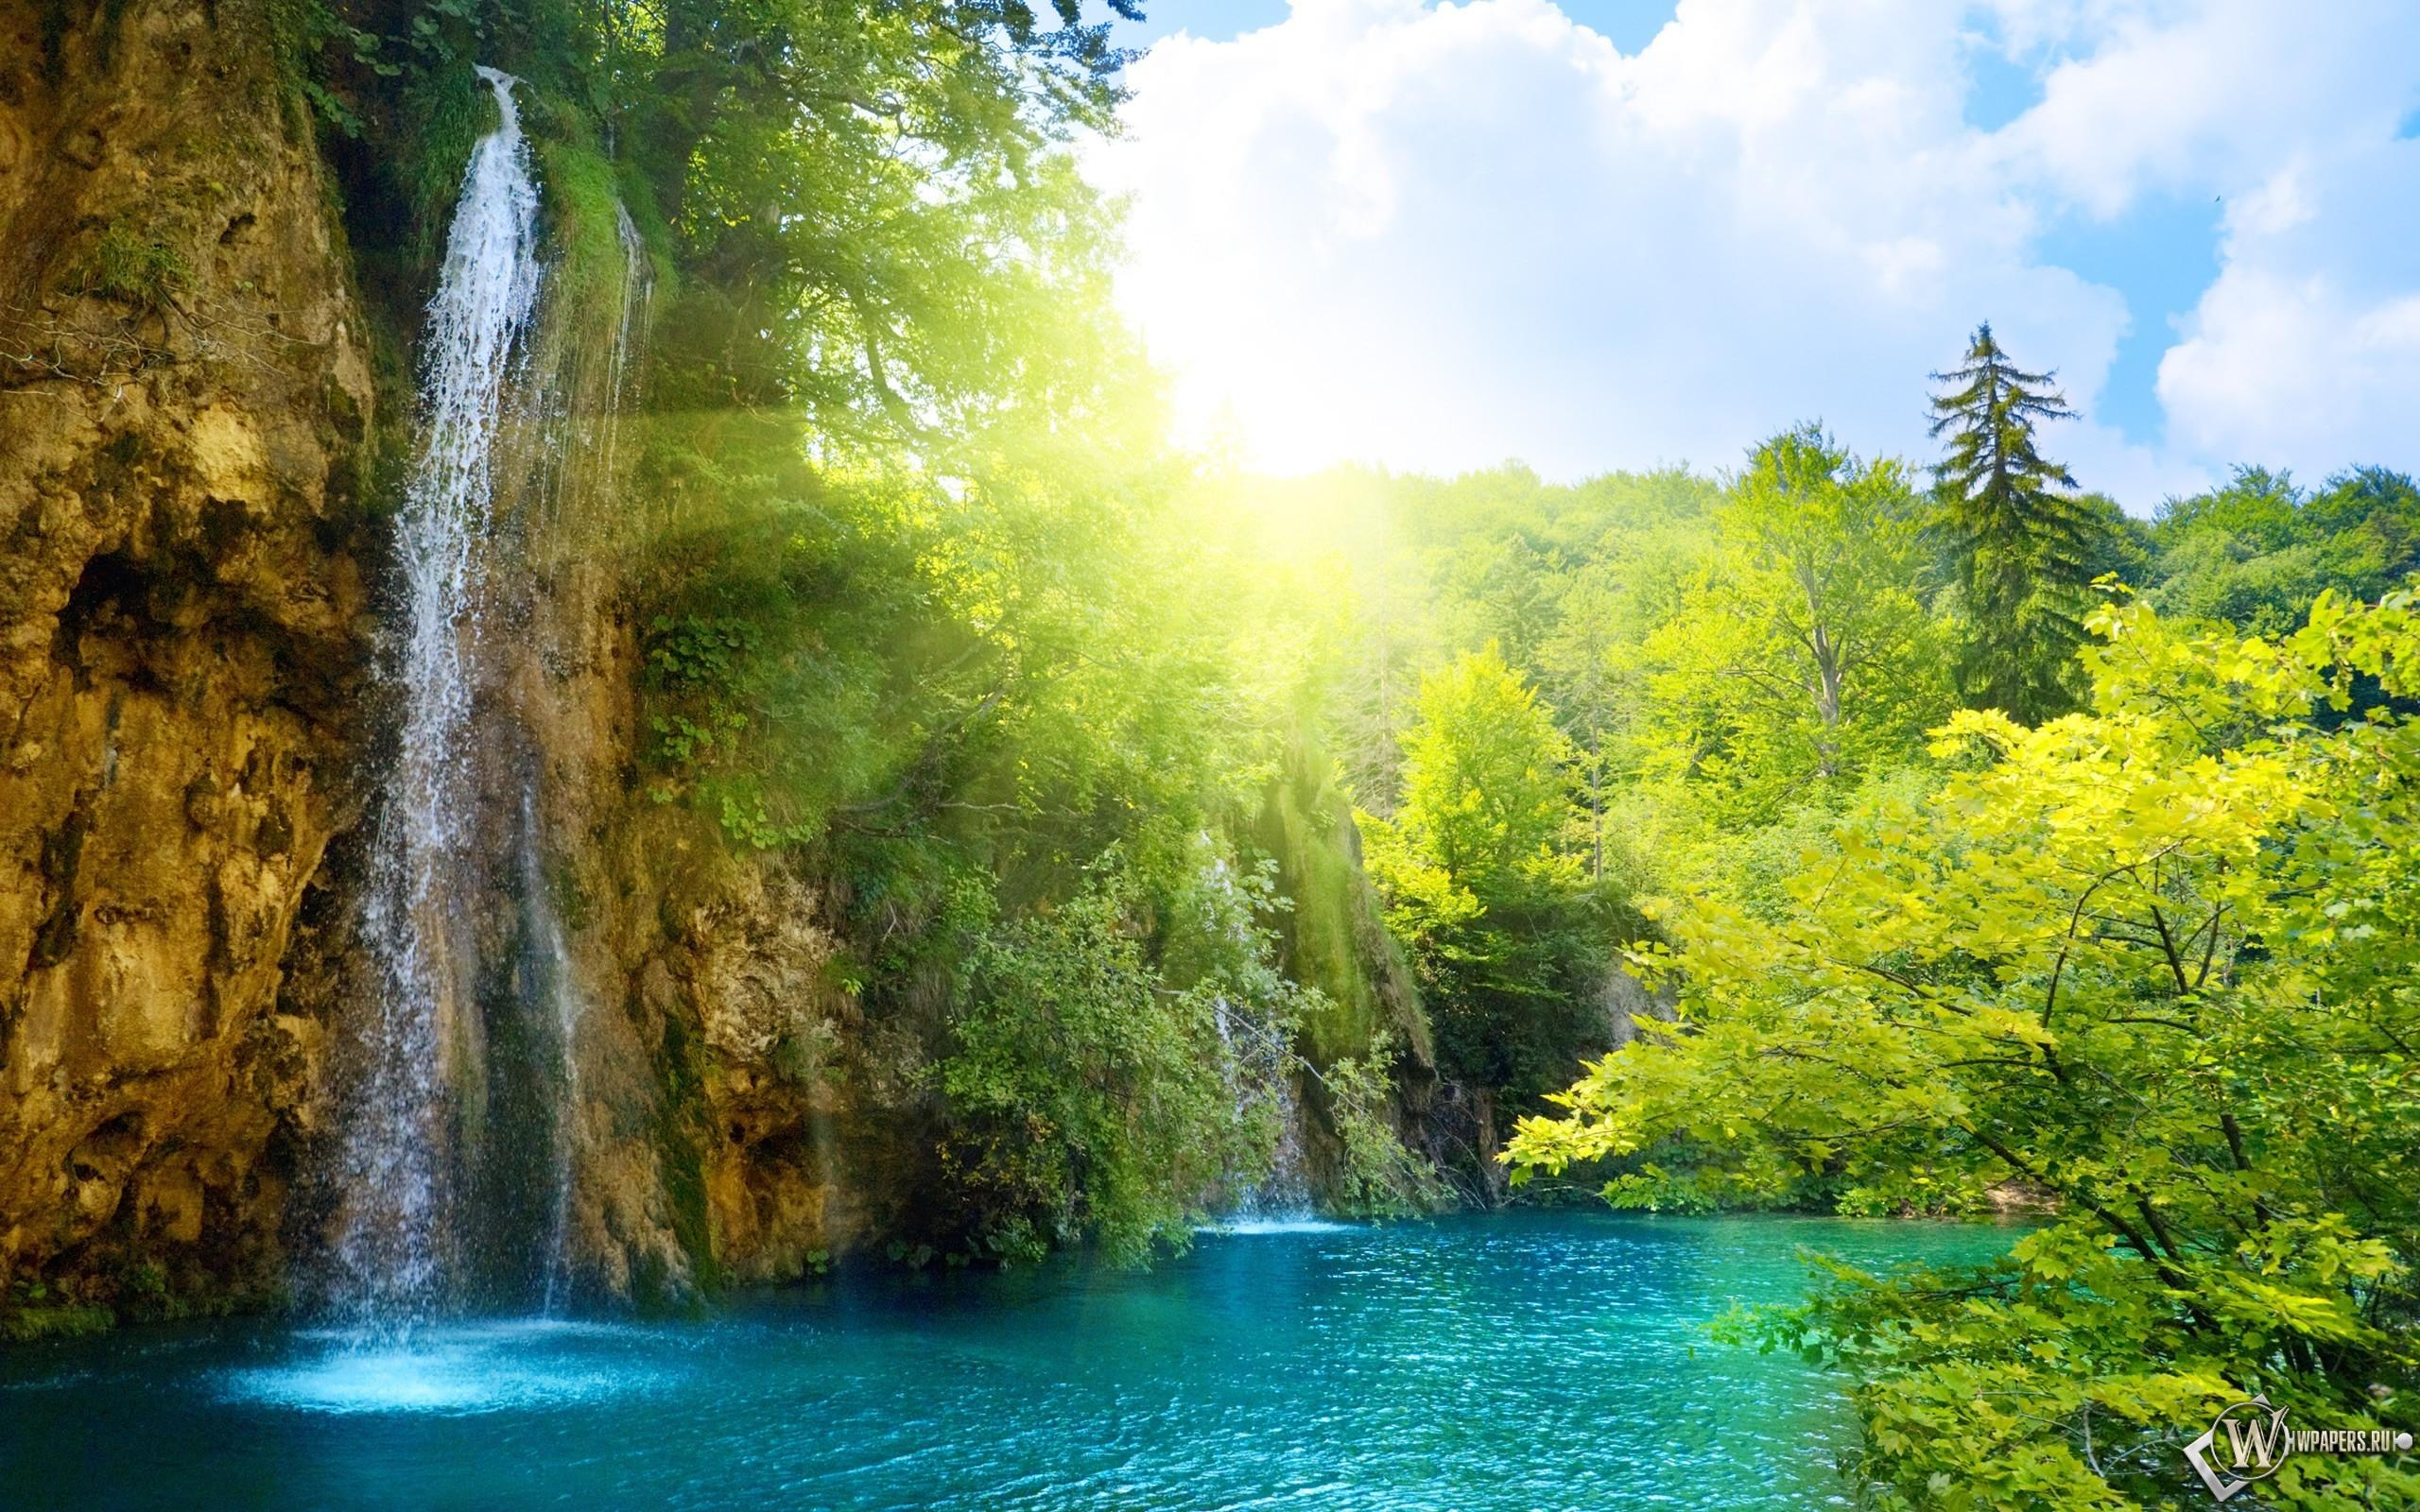 Солнечный водопад 2560x1600